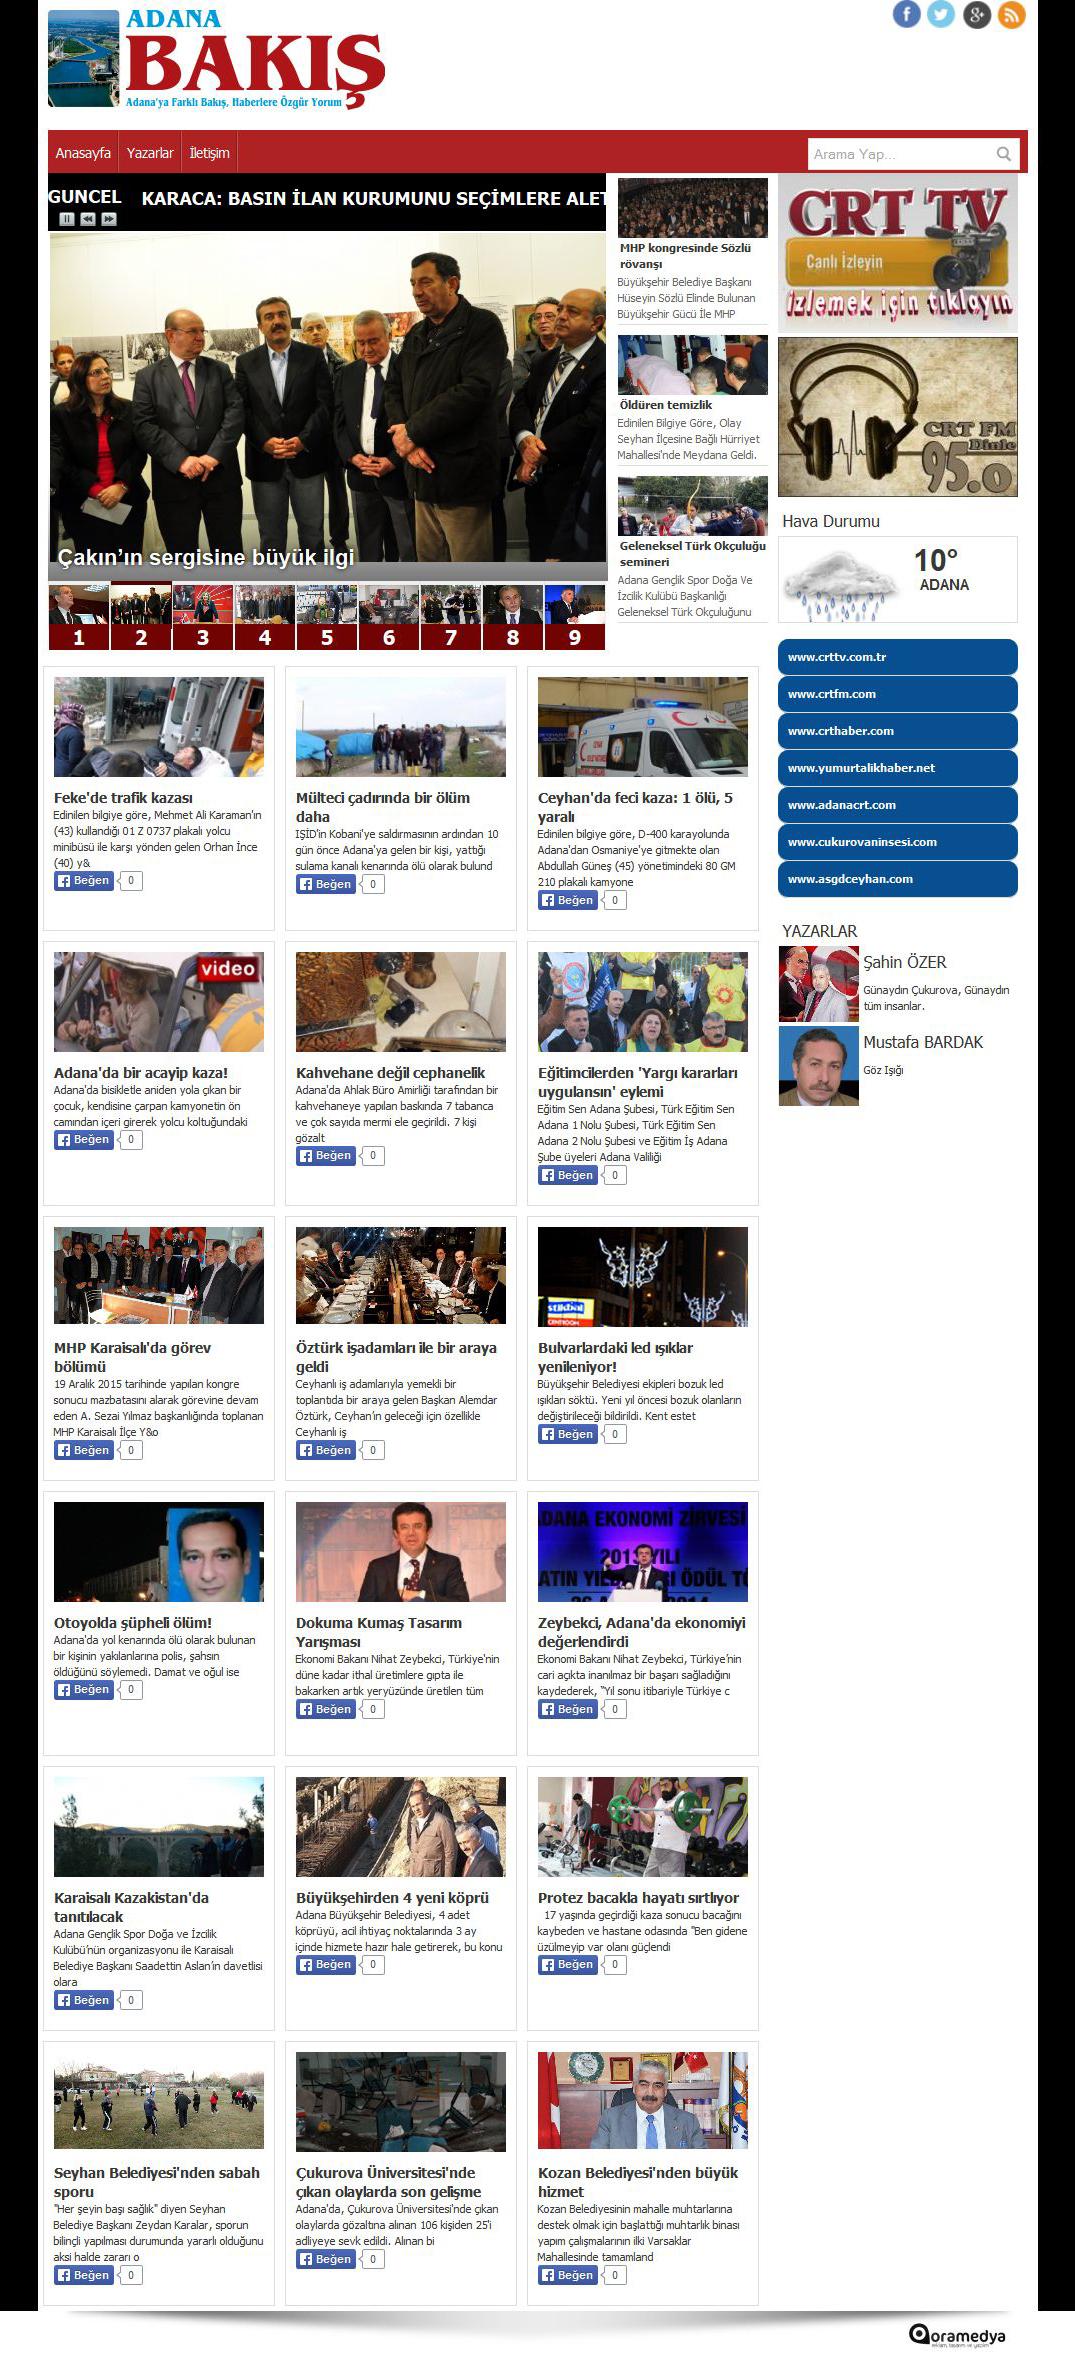 Adana Bakış Haber - Adana'ya Farklı Bakış, Haberlere Özgür Yorum